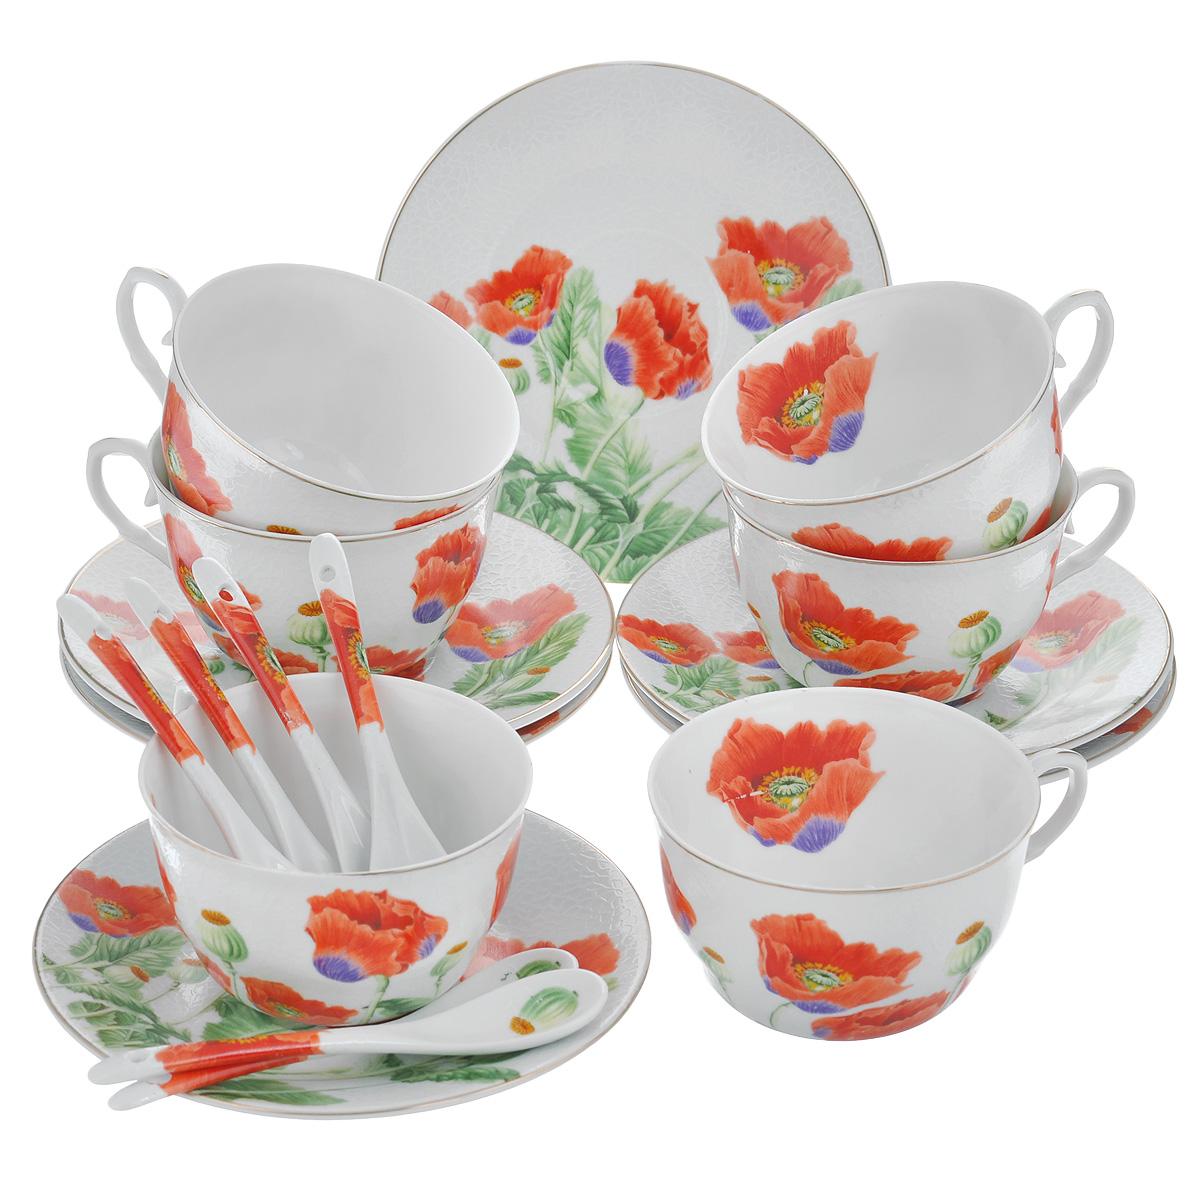 Набор чайный Briswild Цветы мака, 18 предметов набор чайный briswild сесиль 12 предметов